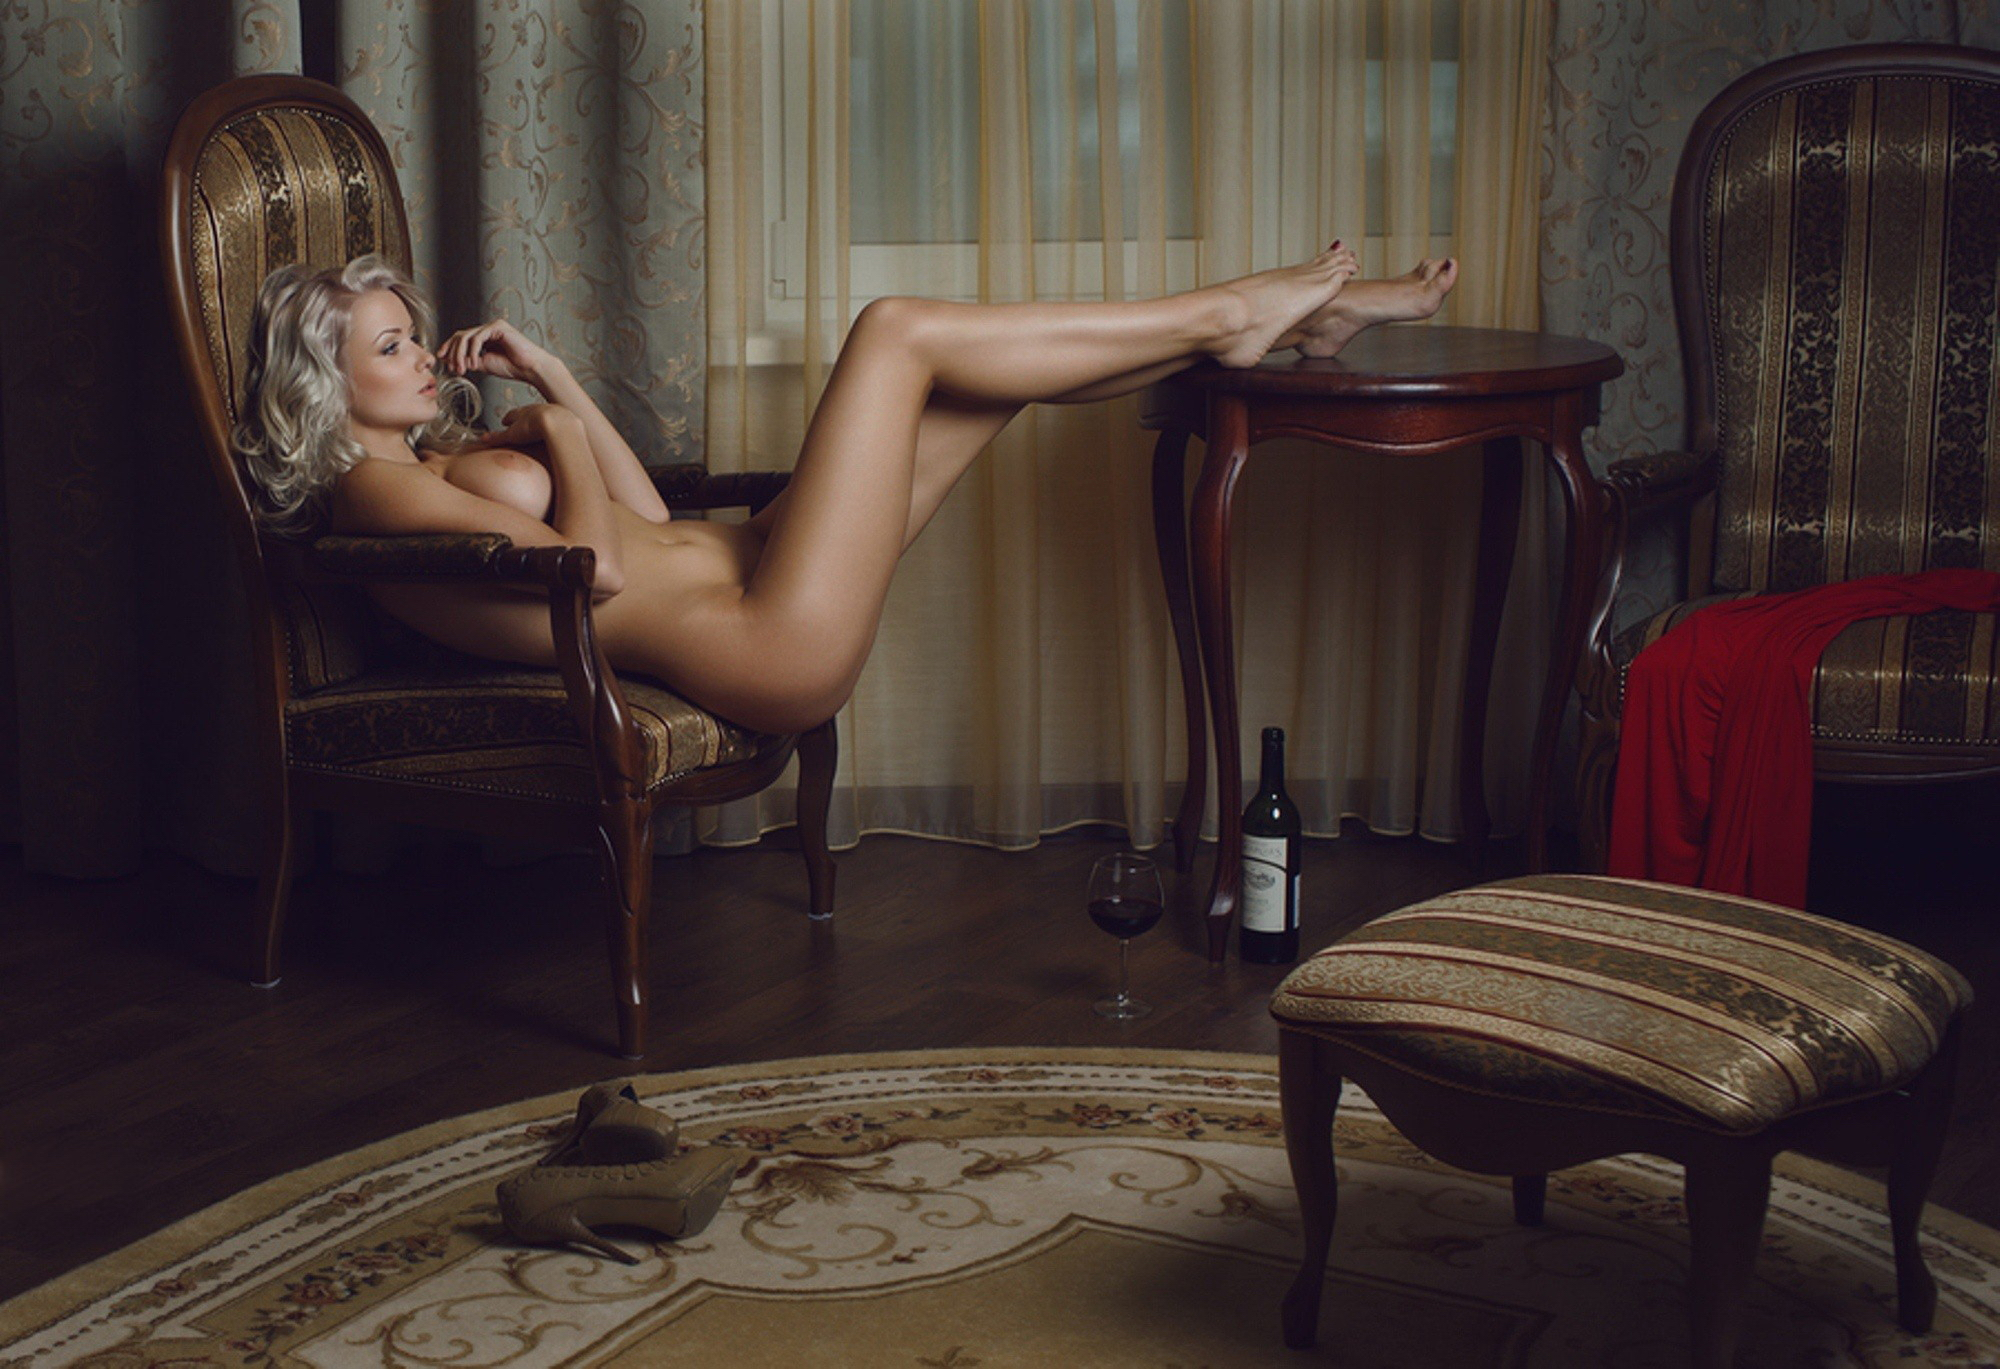 Смотреть онлайн бесплатно красивая эротика